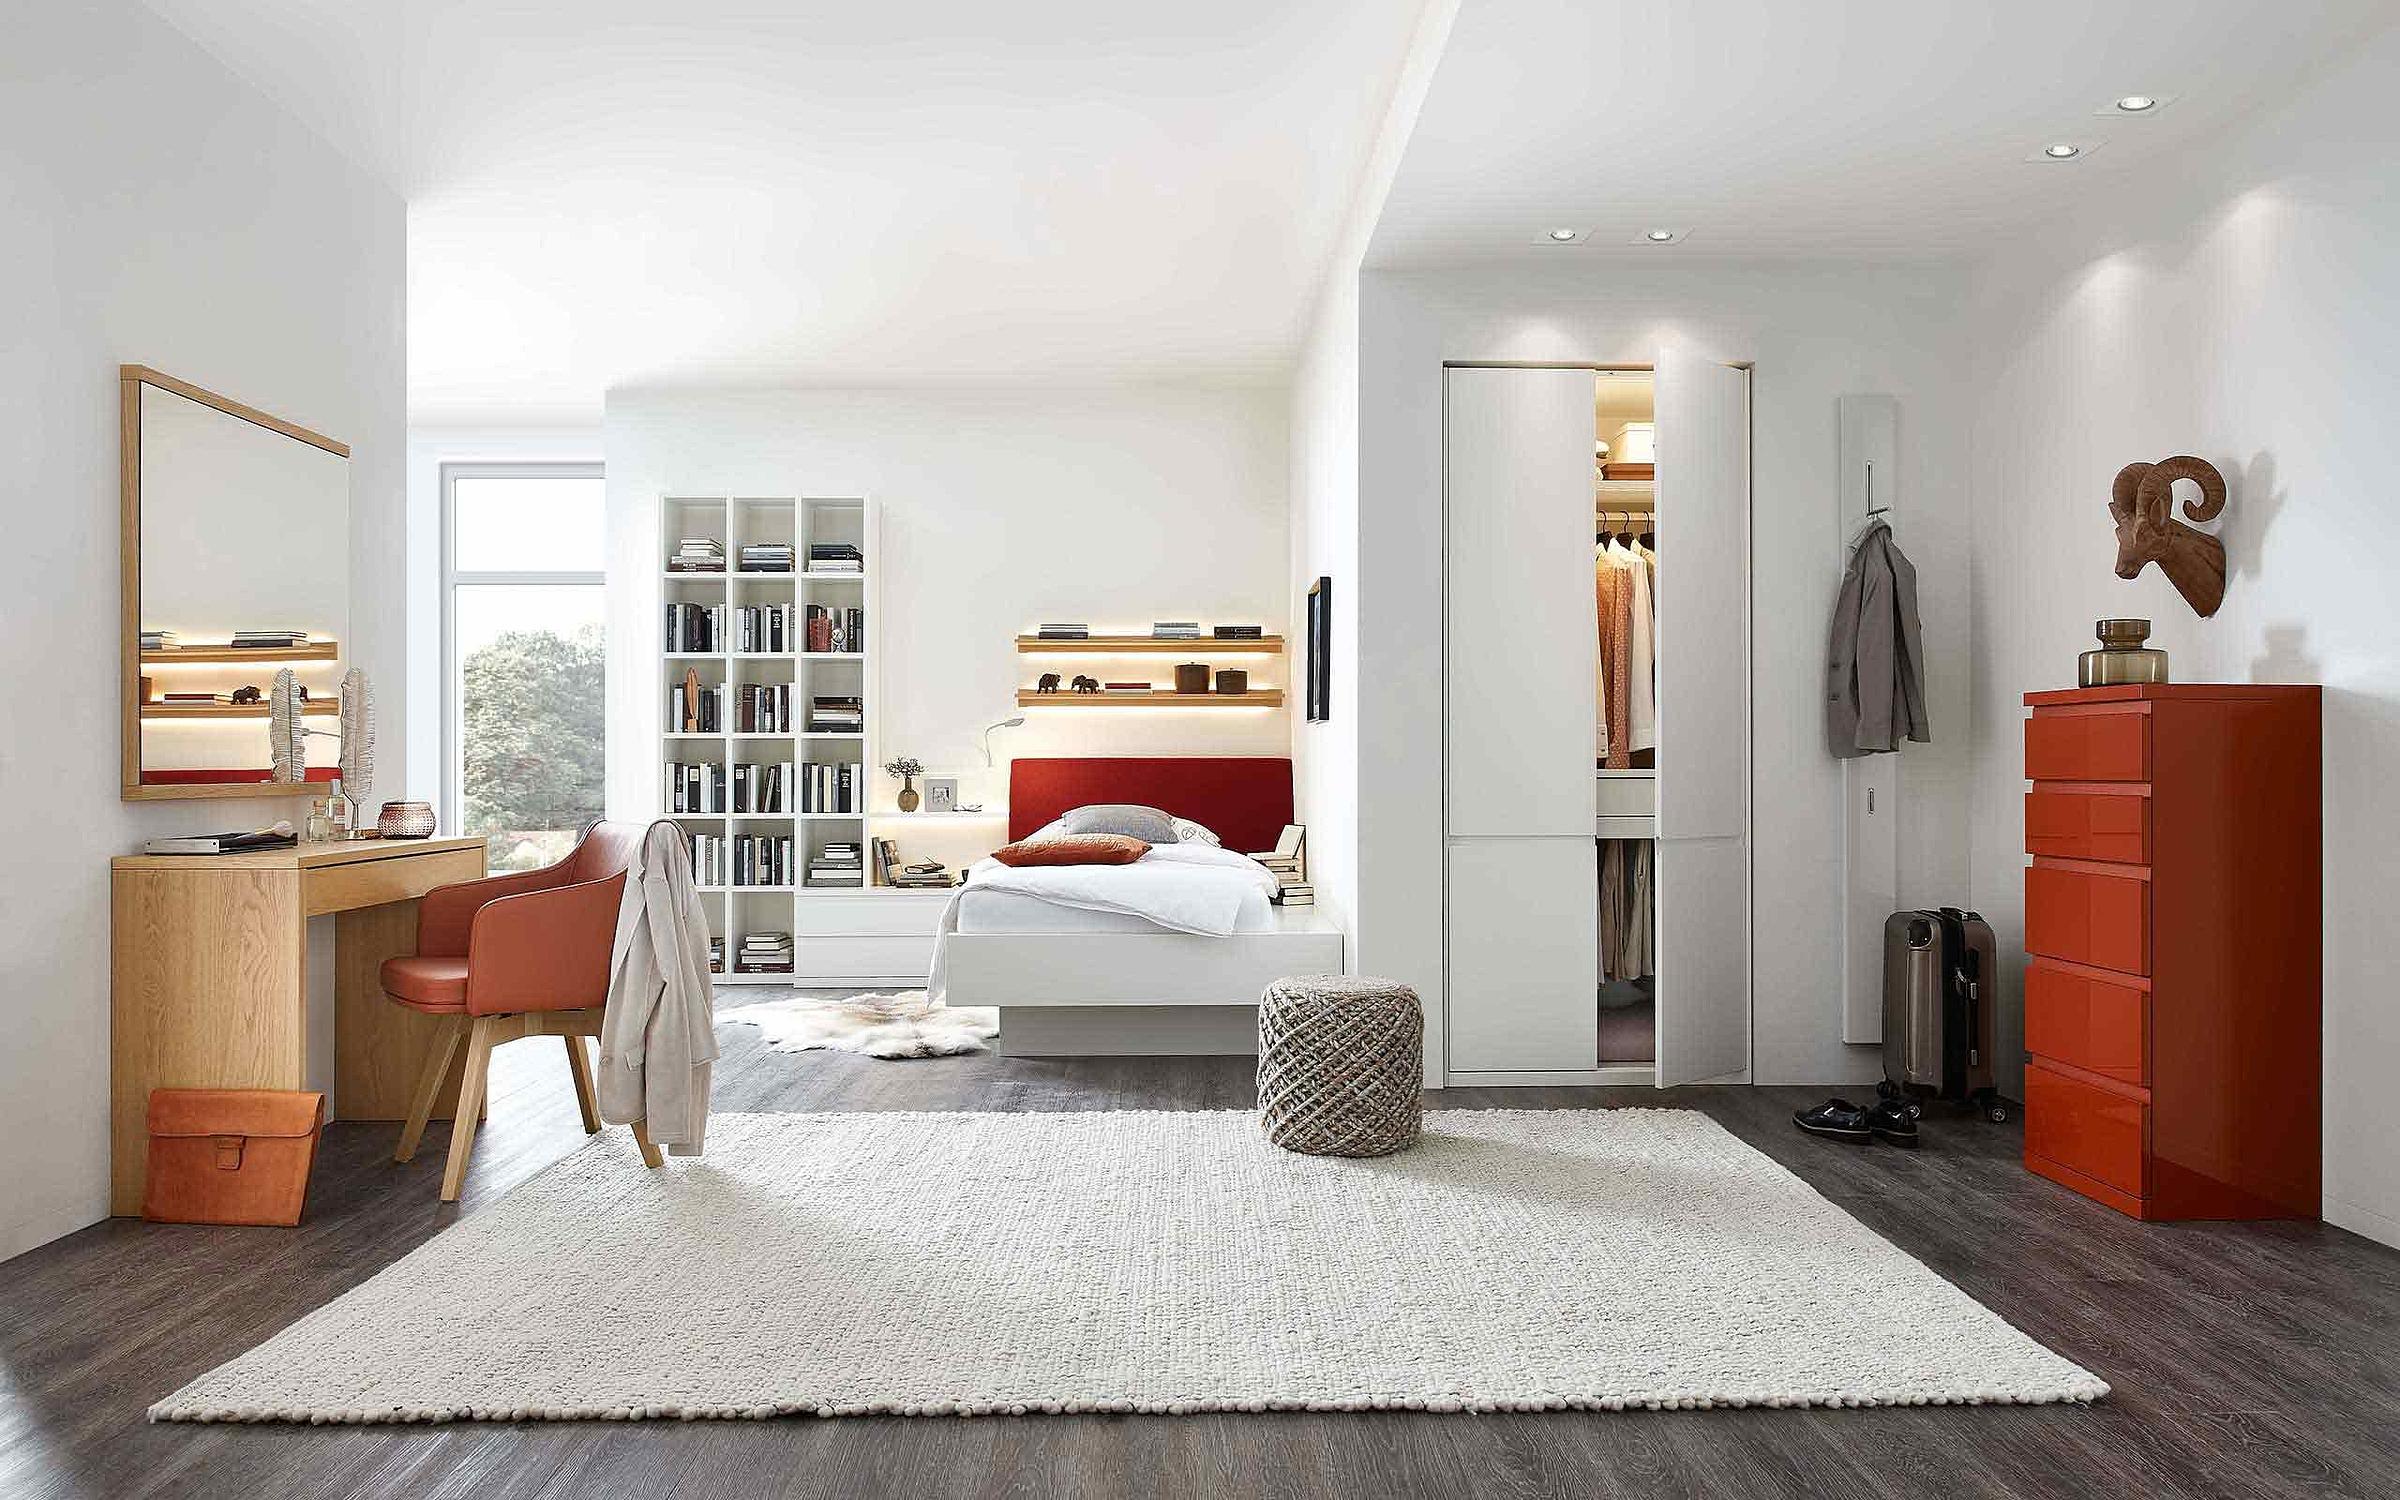 Bett Schlafzimmer Enjoy Holz Eiche sand